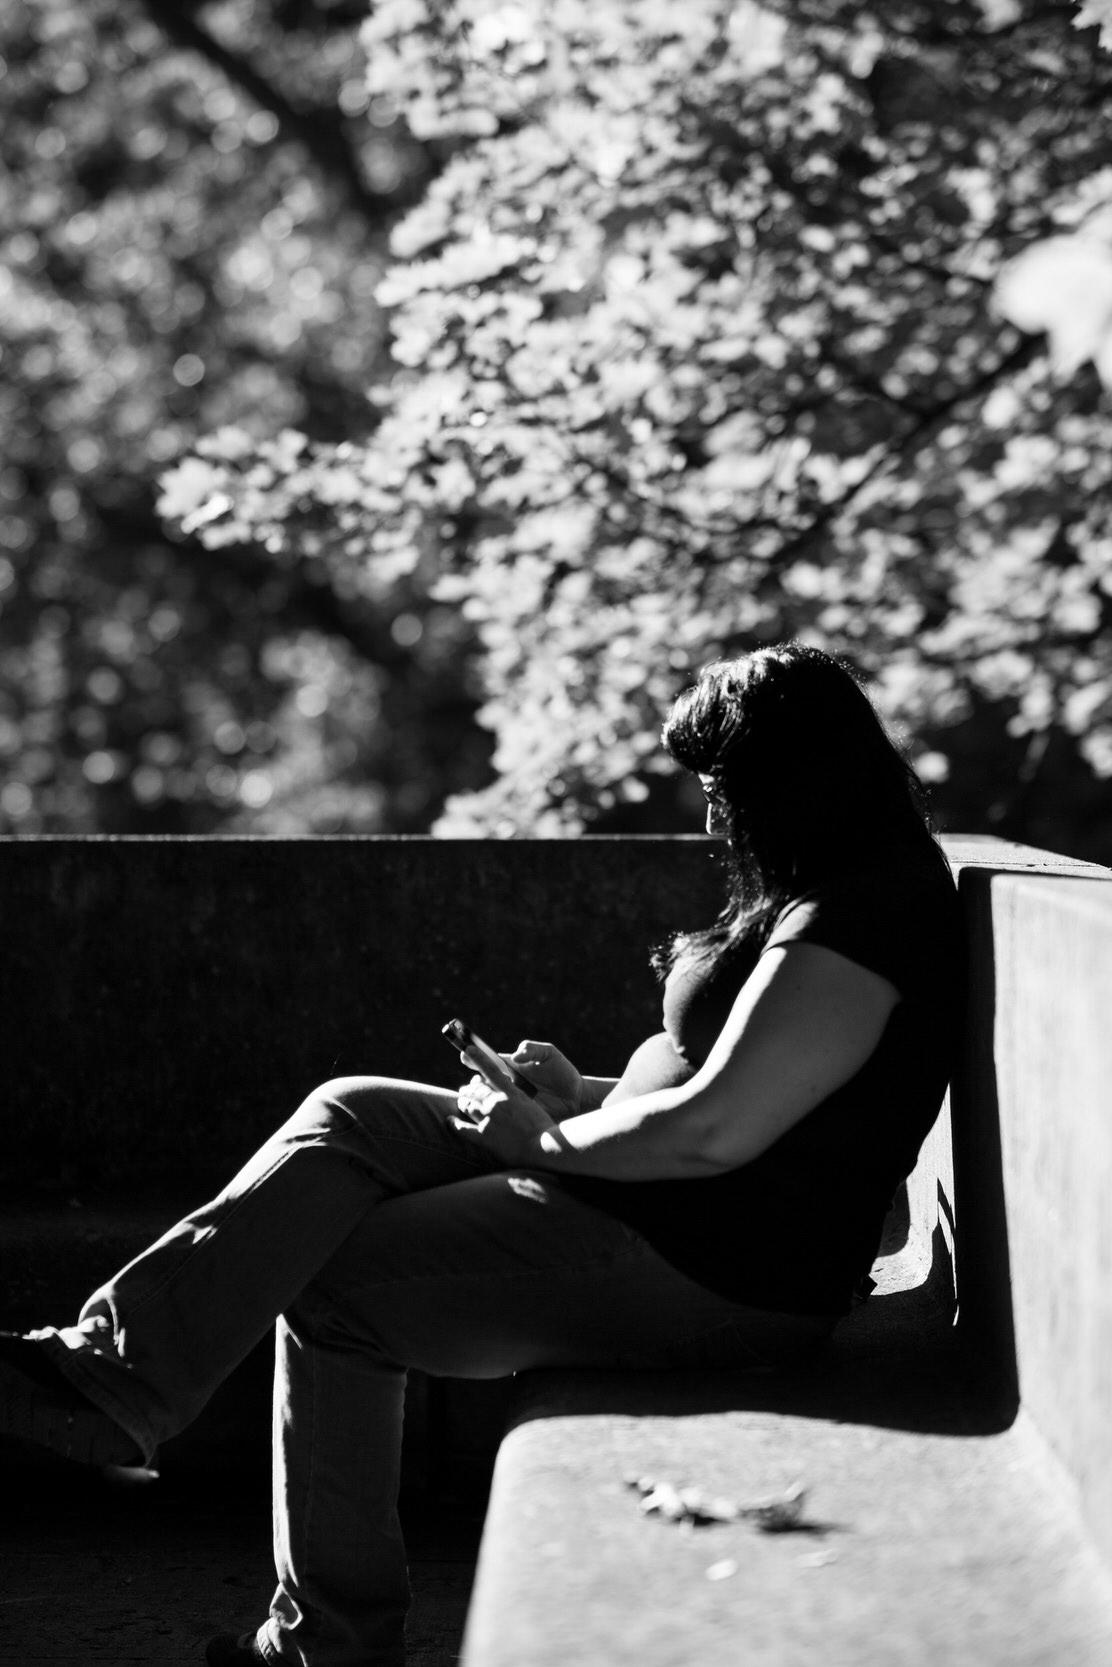 Portrait einer Frau unter Bäumen sitzend in schwarz - weiß.